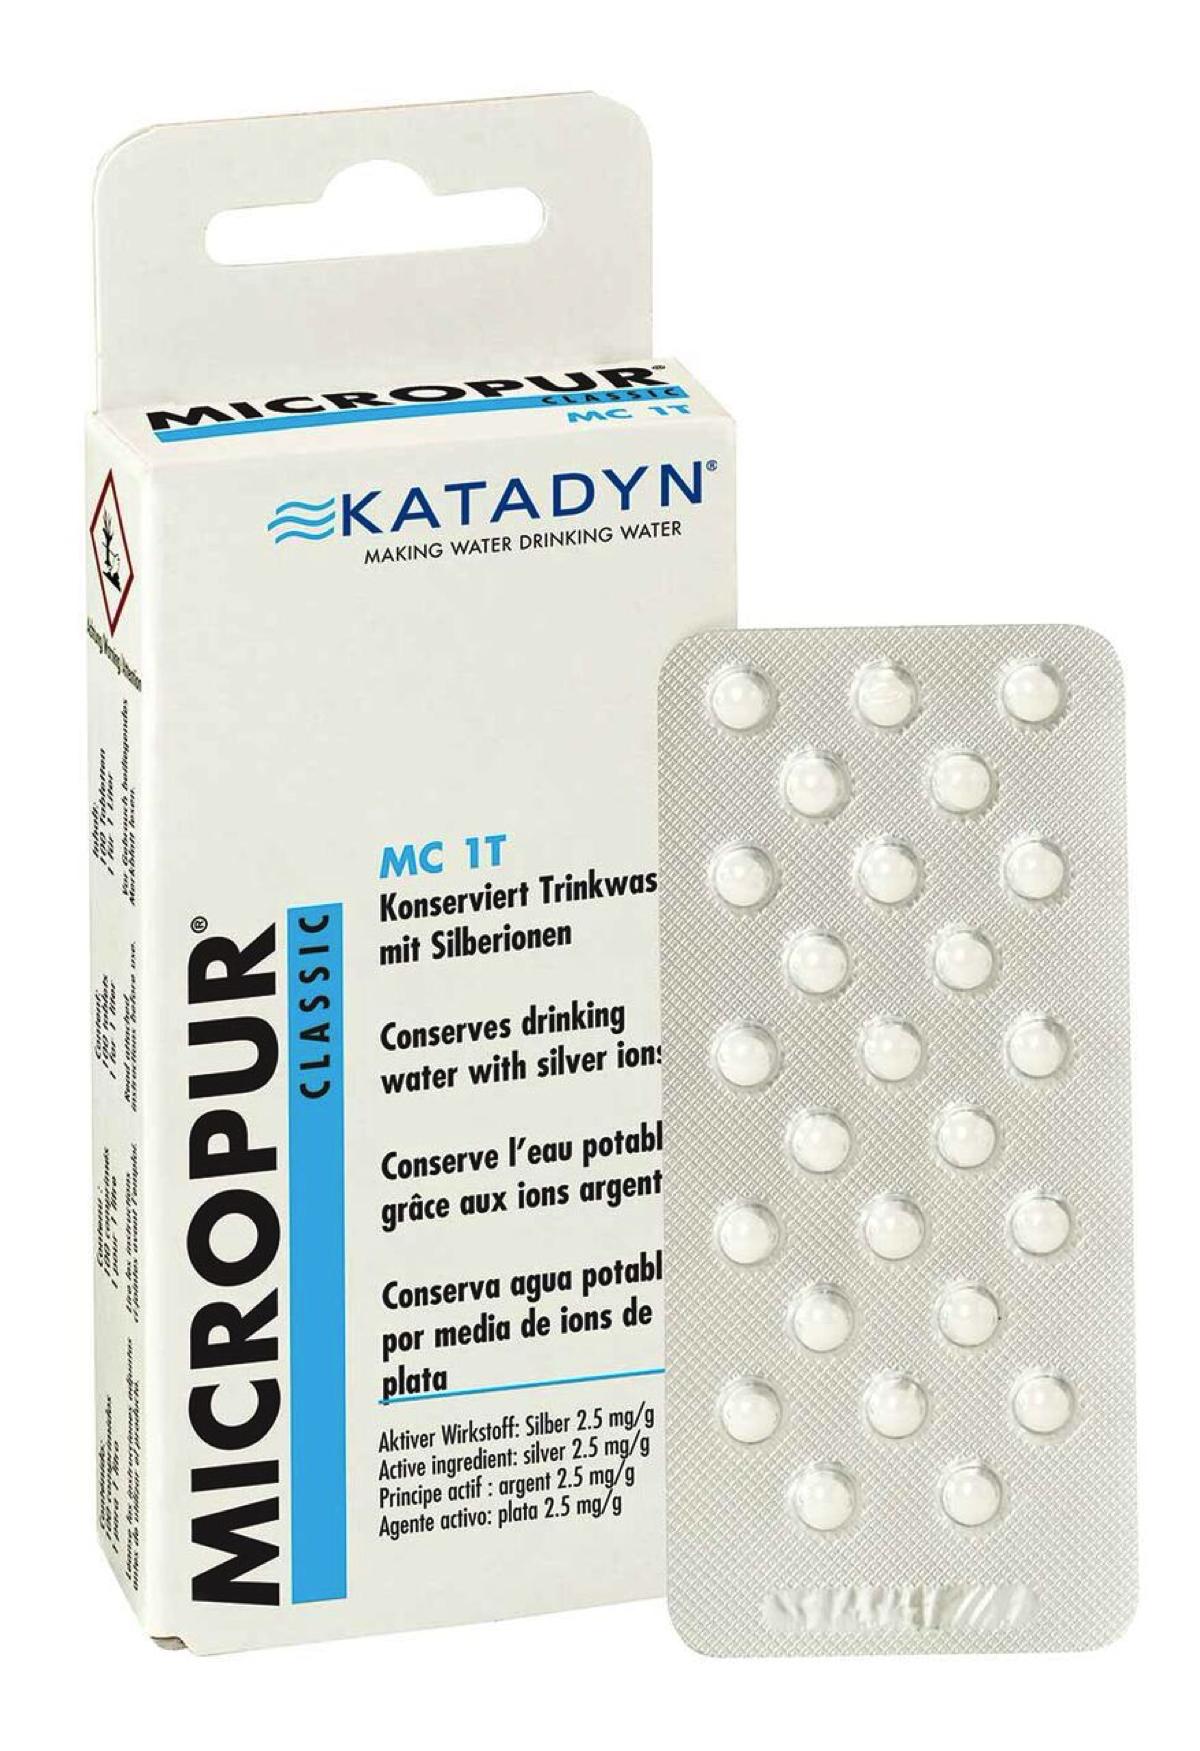 Katadyn - Micropur Classic MC 1T - Wasserdesinfektion